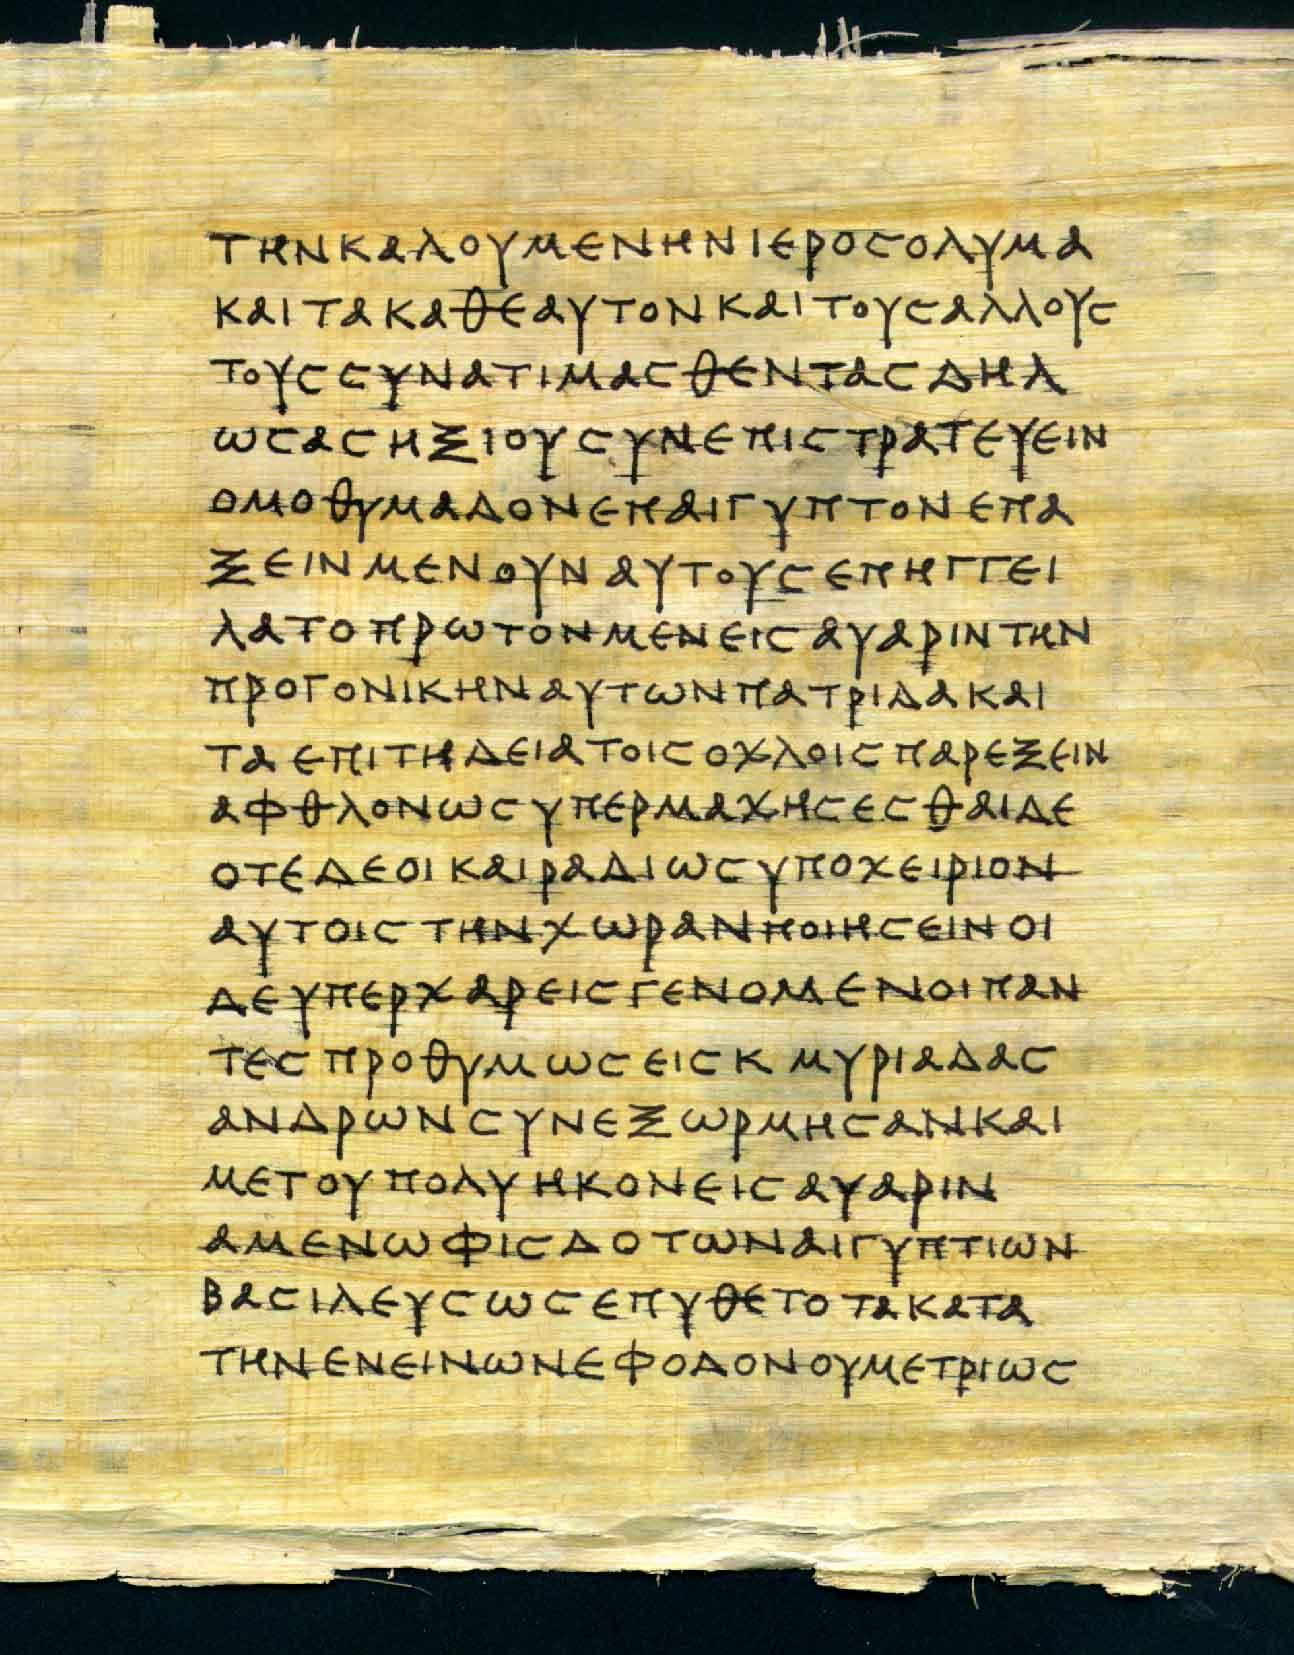 Manetho, ou Maneton, foi um sacerdote egípcio que viveu durante a era ptolomeica. Ele é o autor deAegyptiaca, uma história do Antigo Egito, uma obra […]